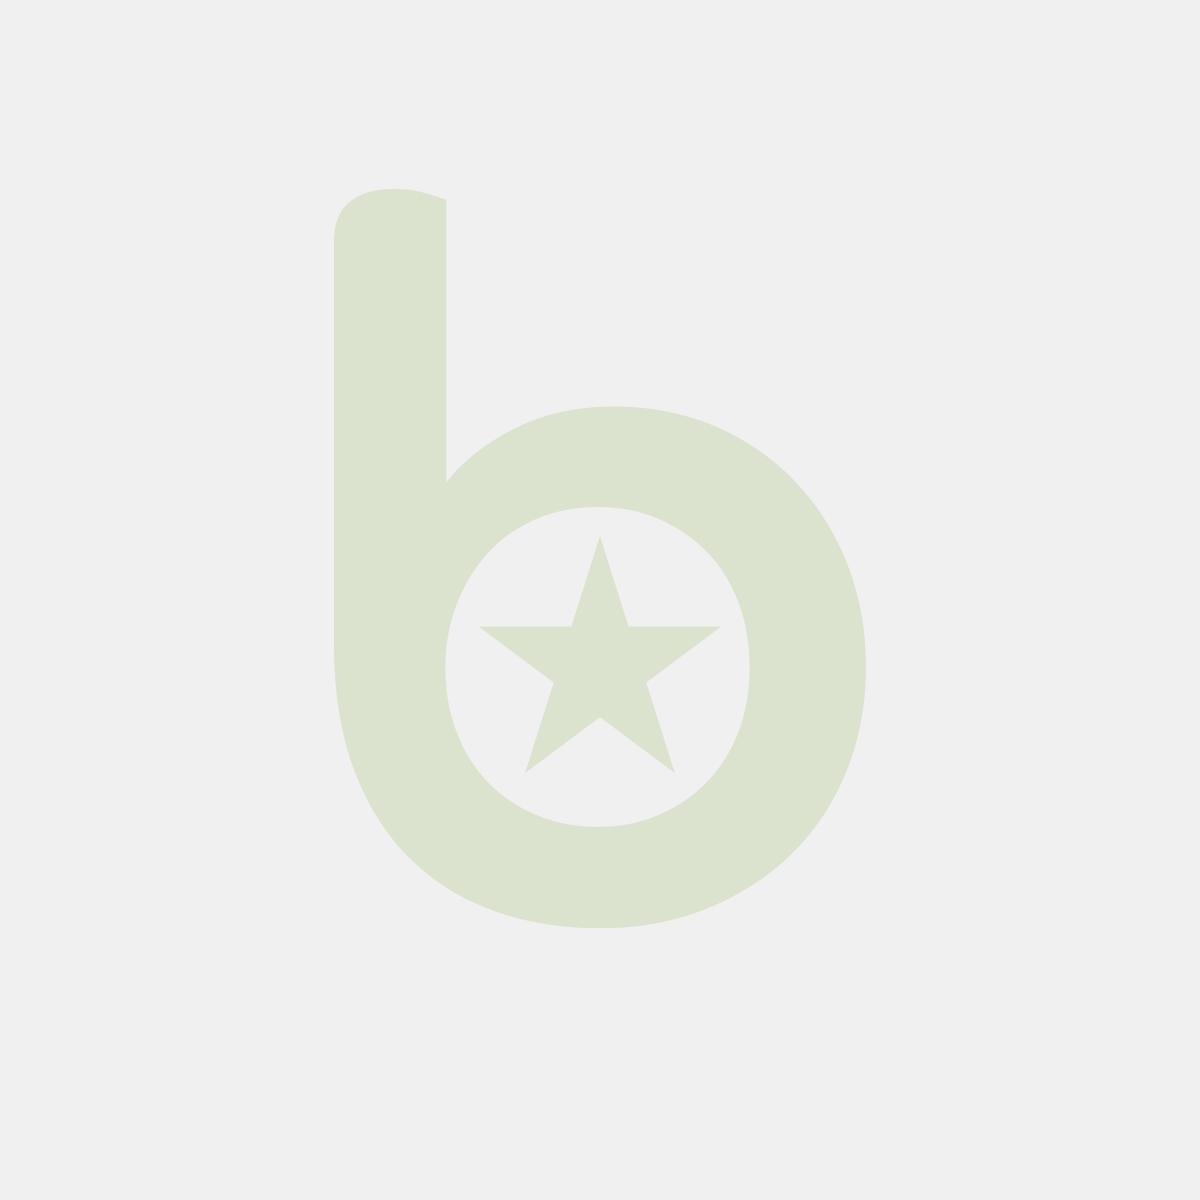 Marker permanentny SCHNEIDER Maxx 130, okrągły, 1-3mm, brązowy